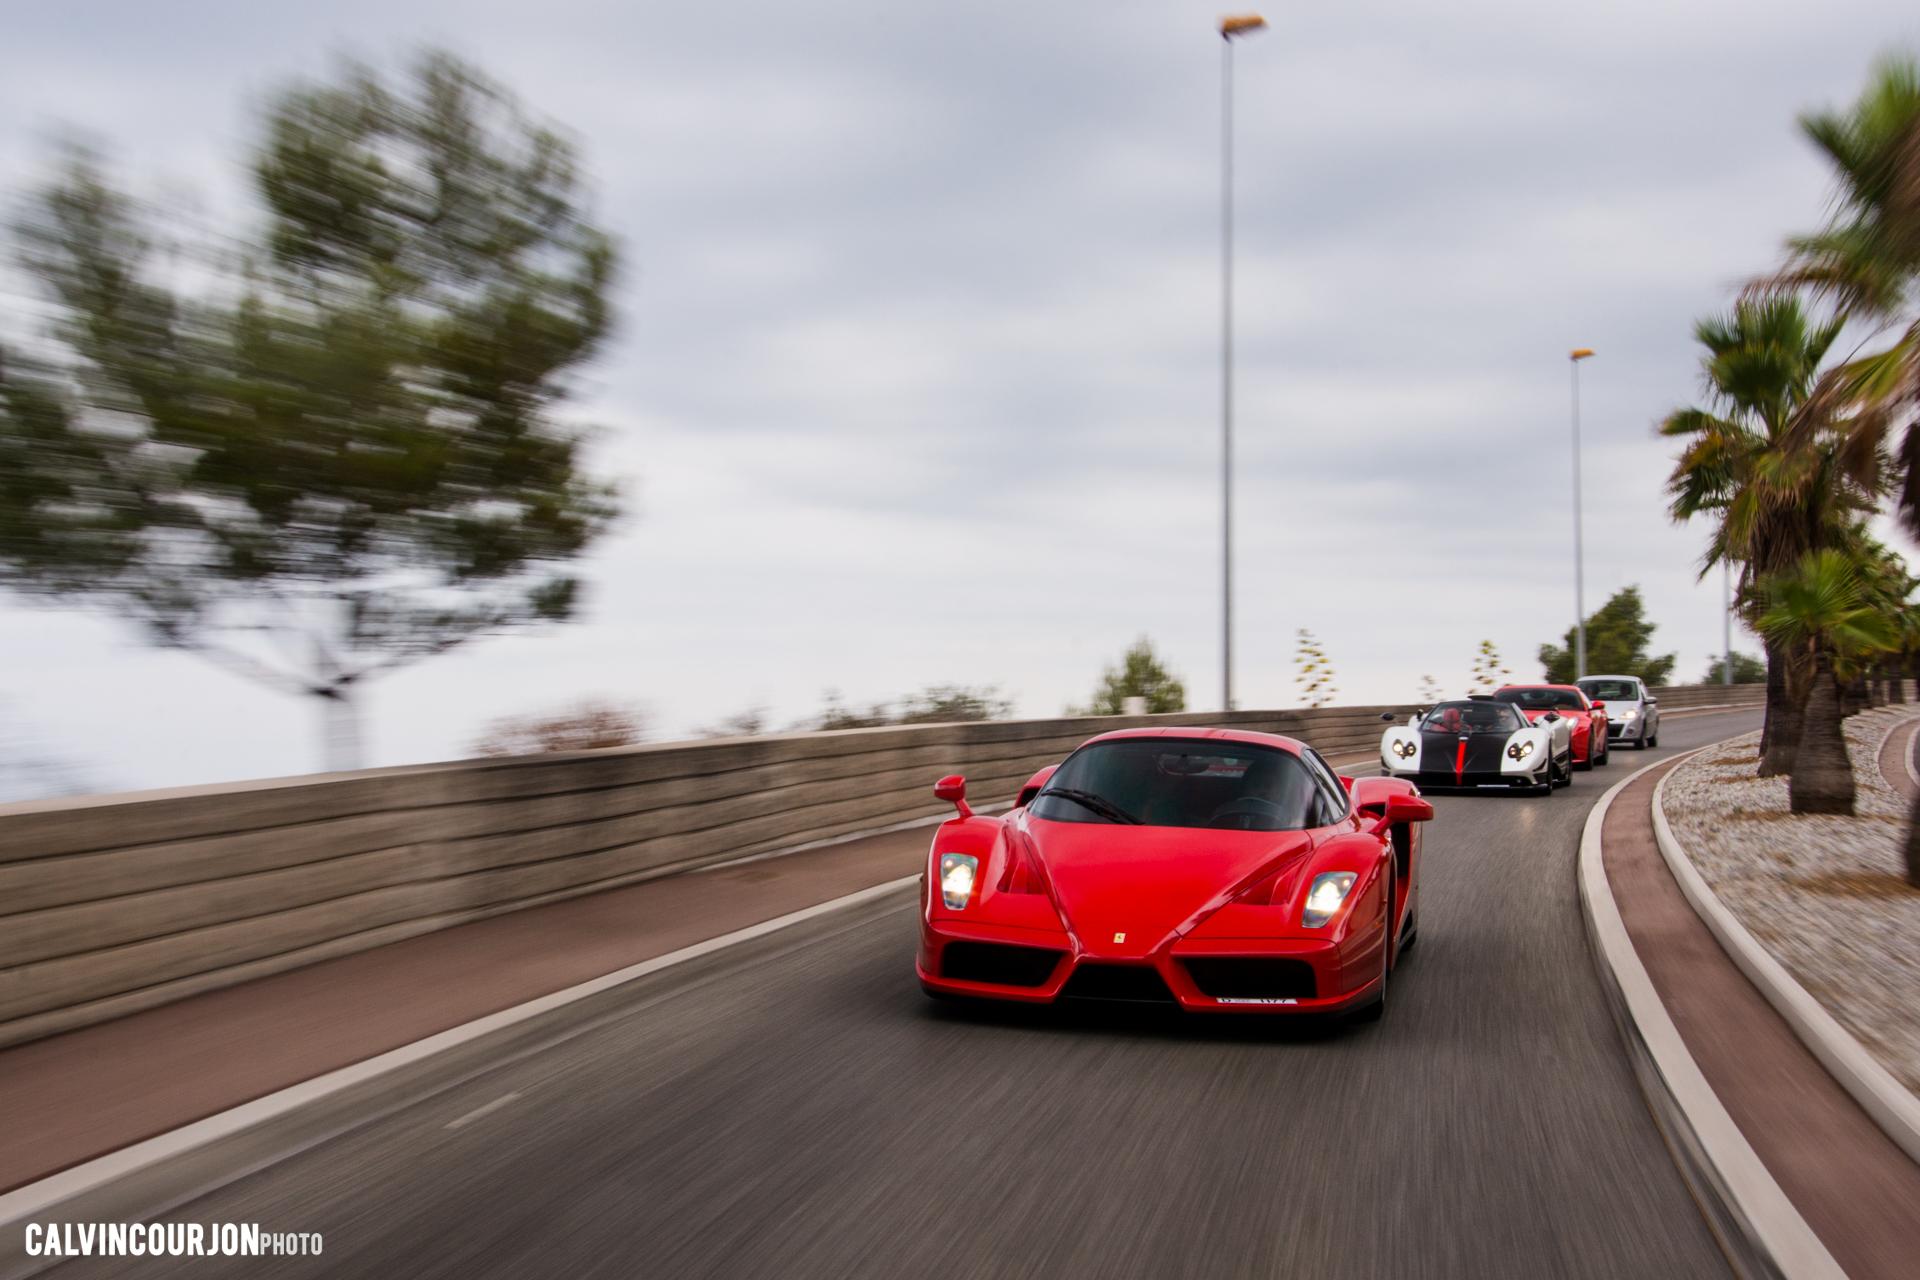 Ferrari Enzo - road-trip - Cote dAzur - 2015 - Calvin Courjon